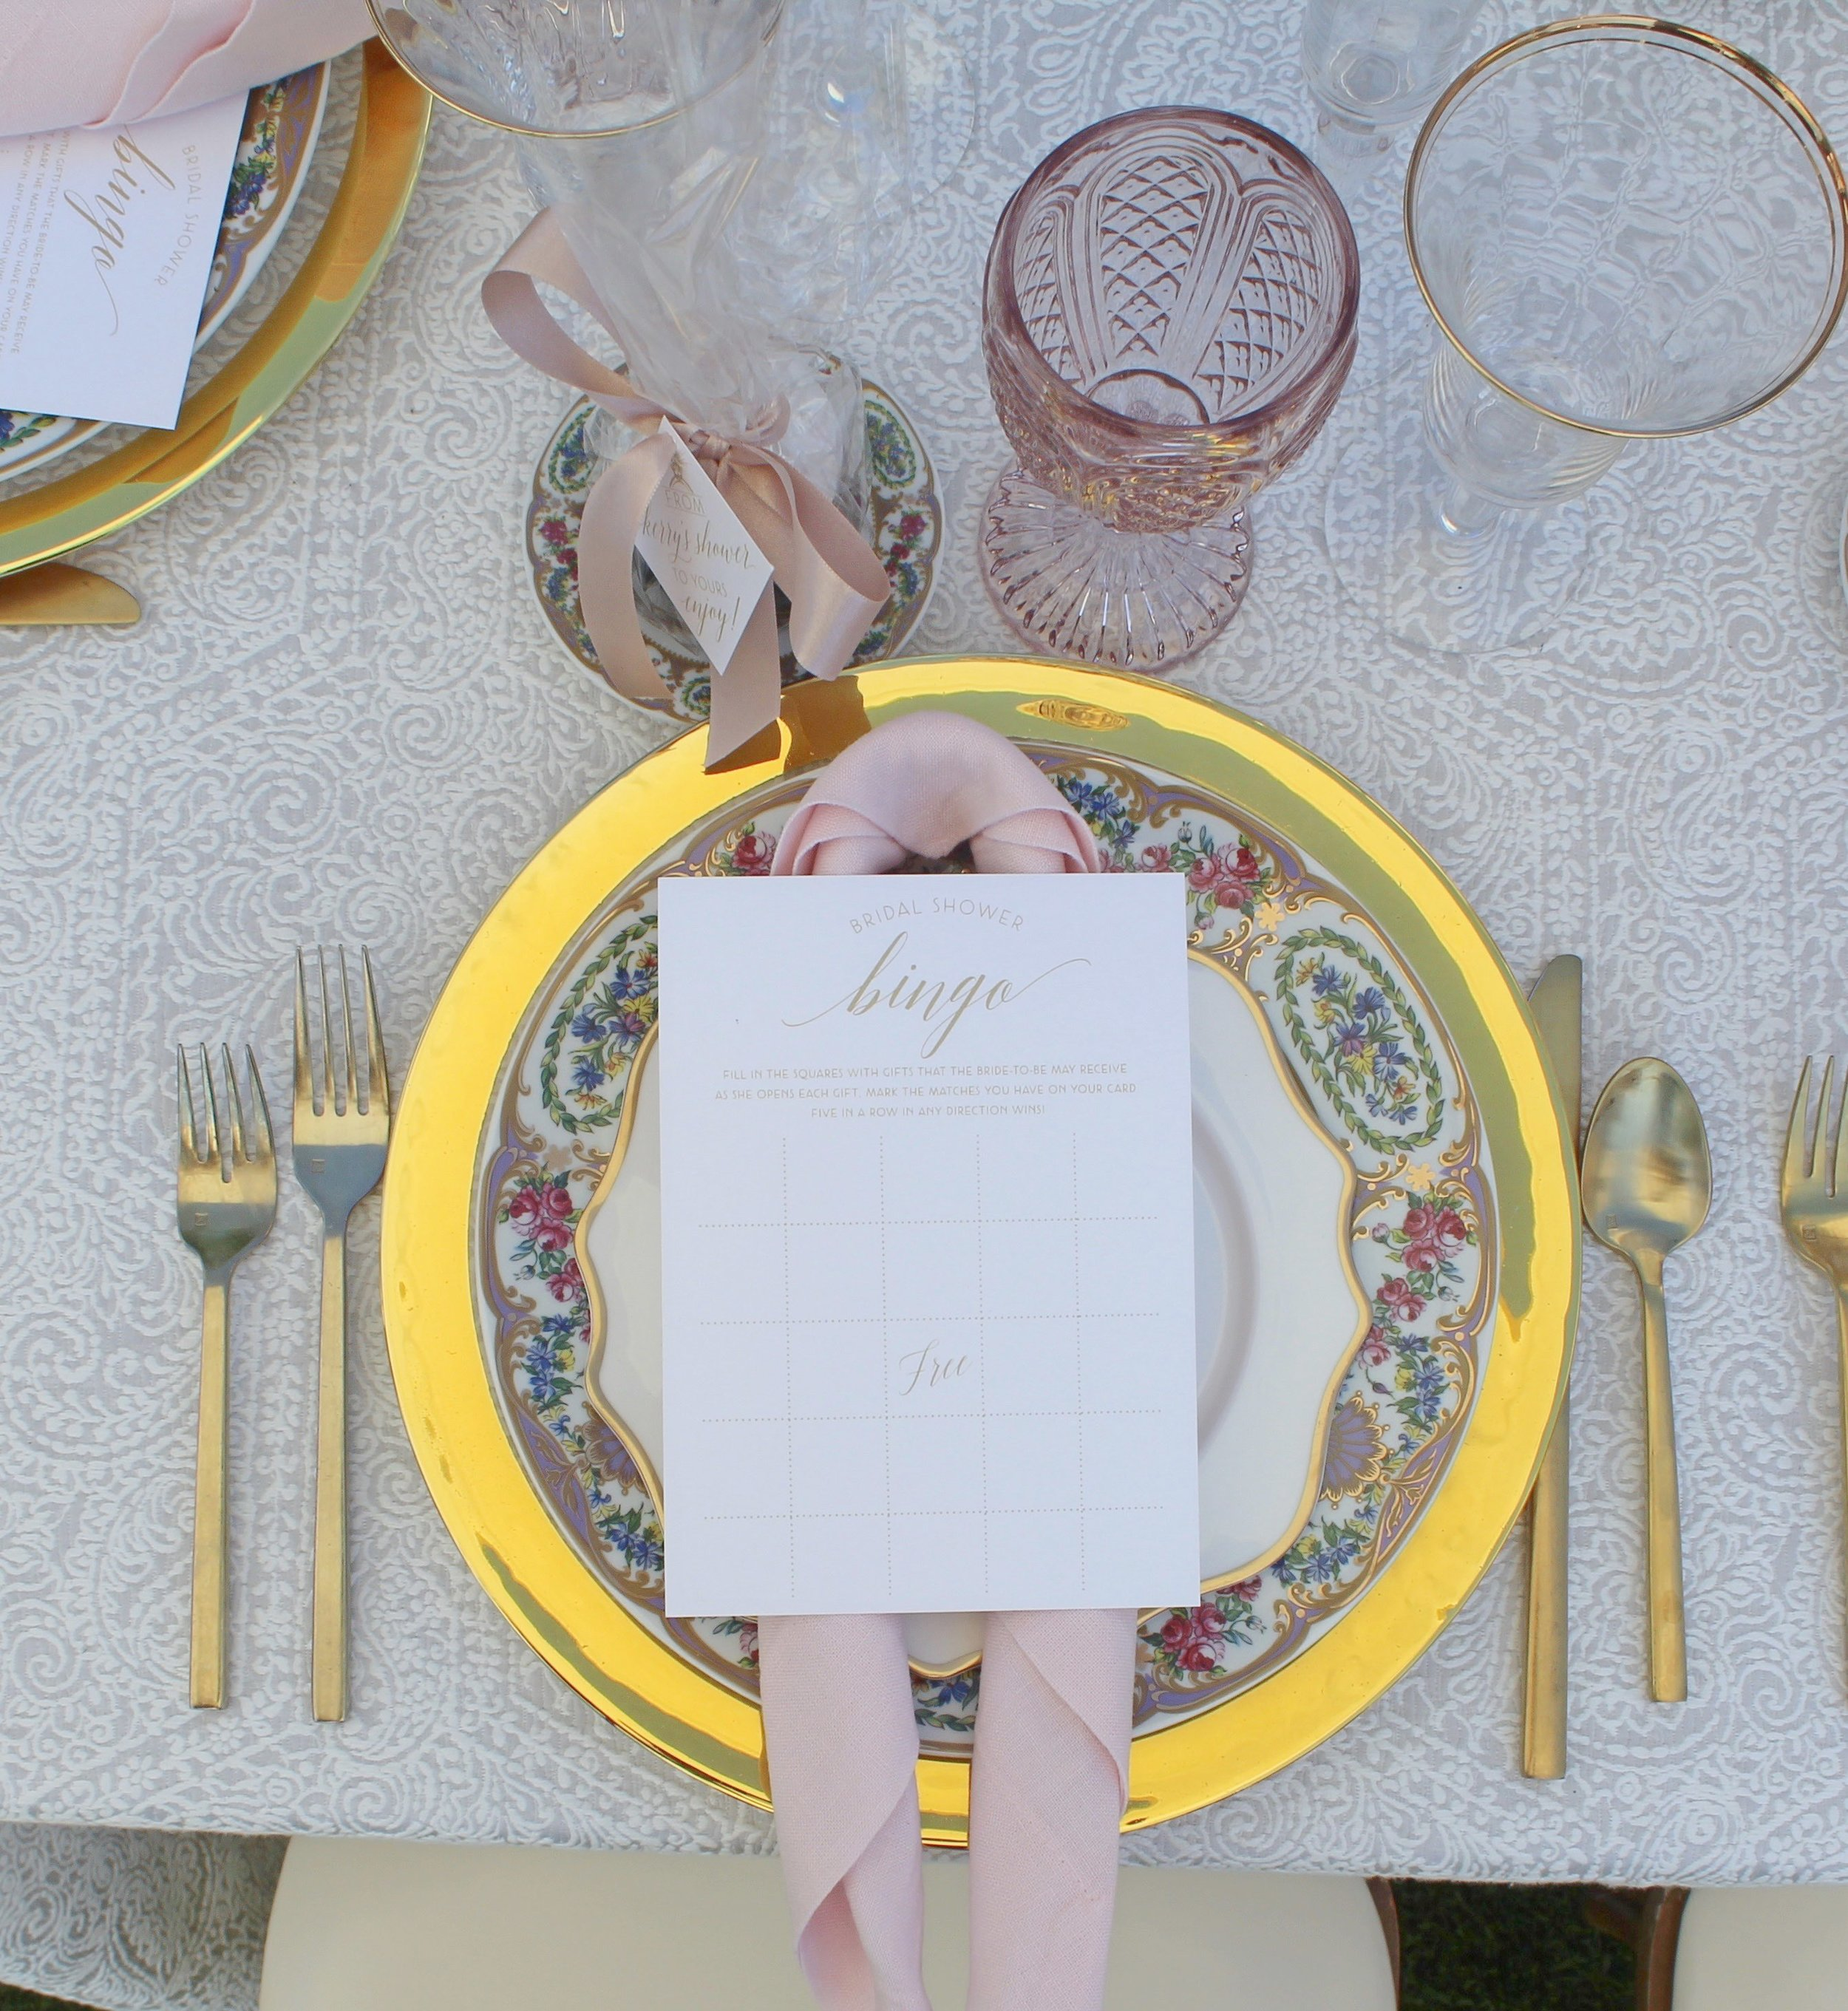 donut bridal shower table setting.jpg